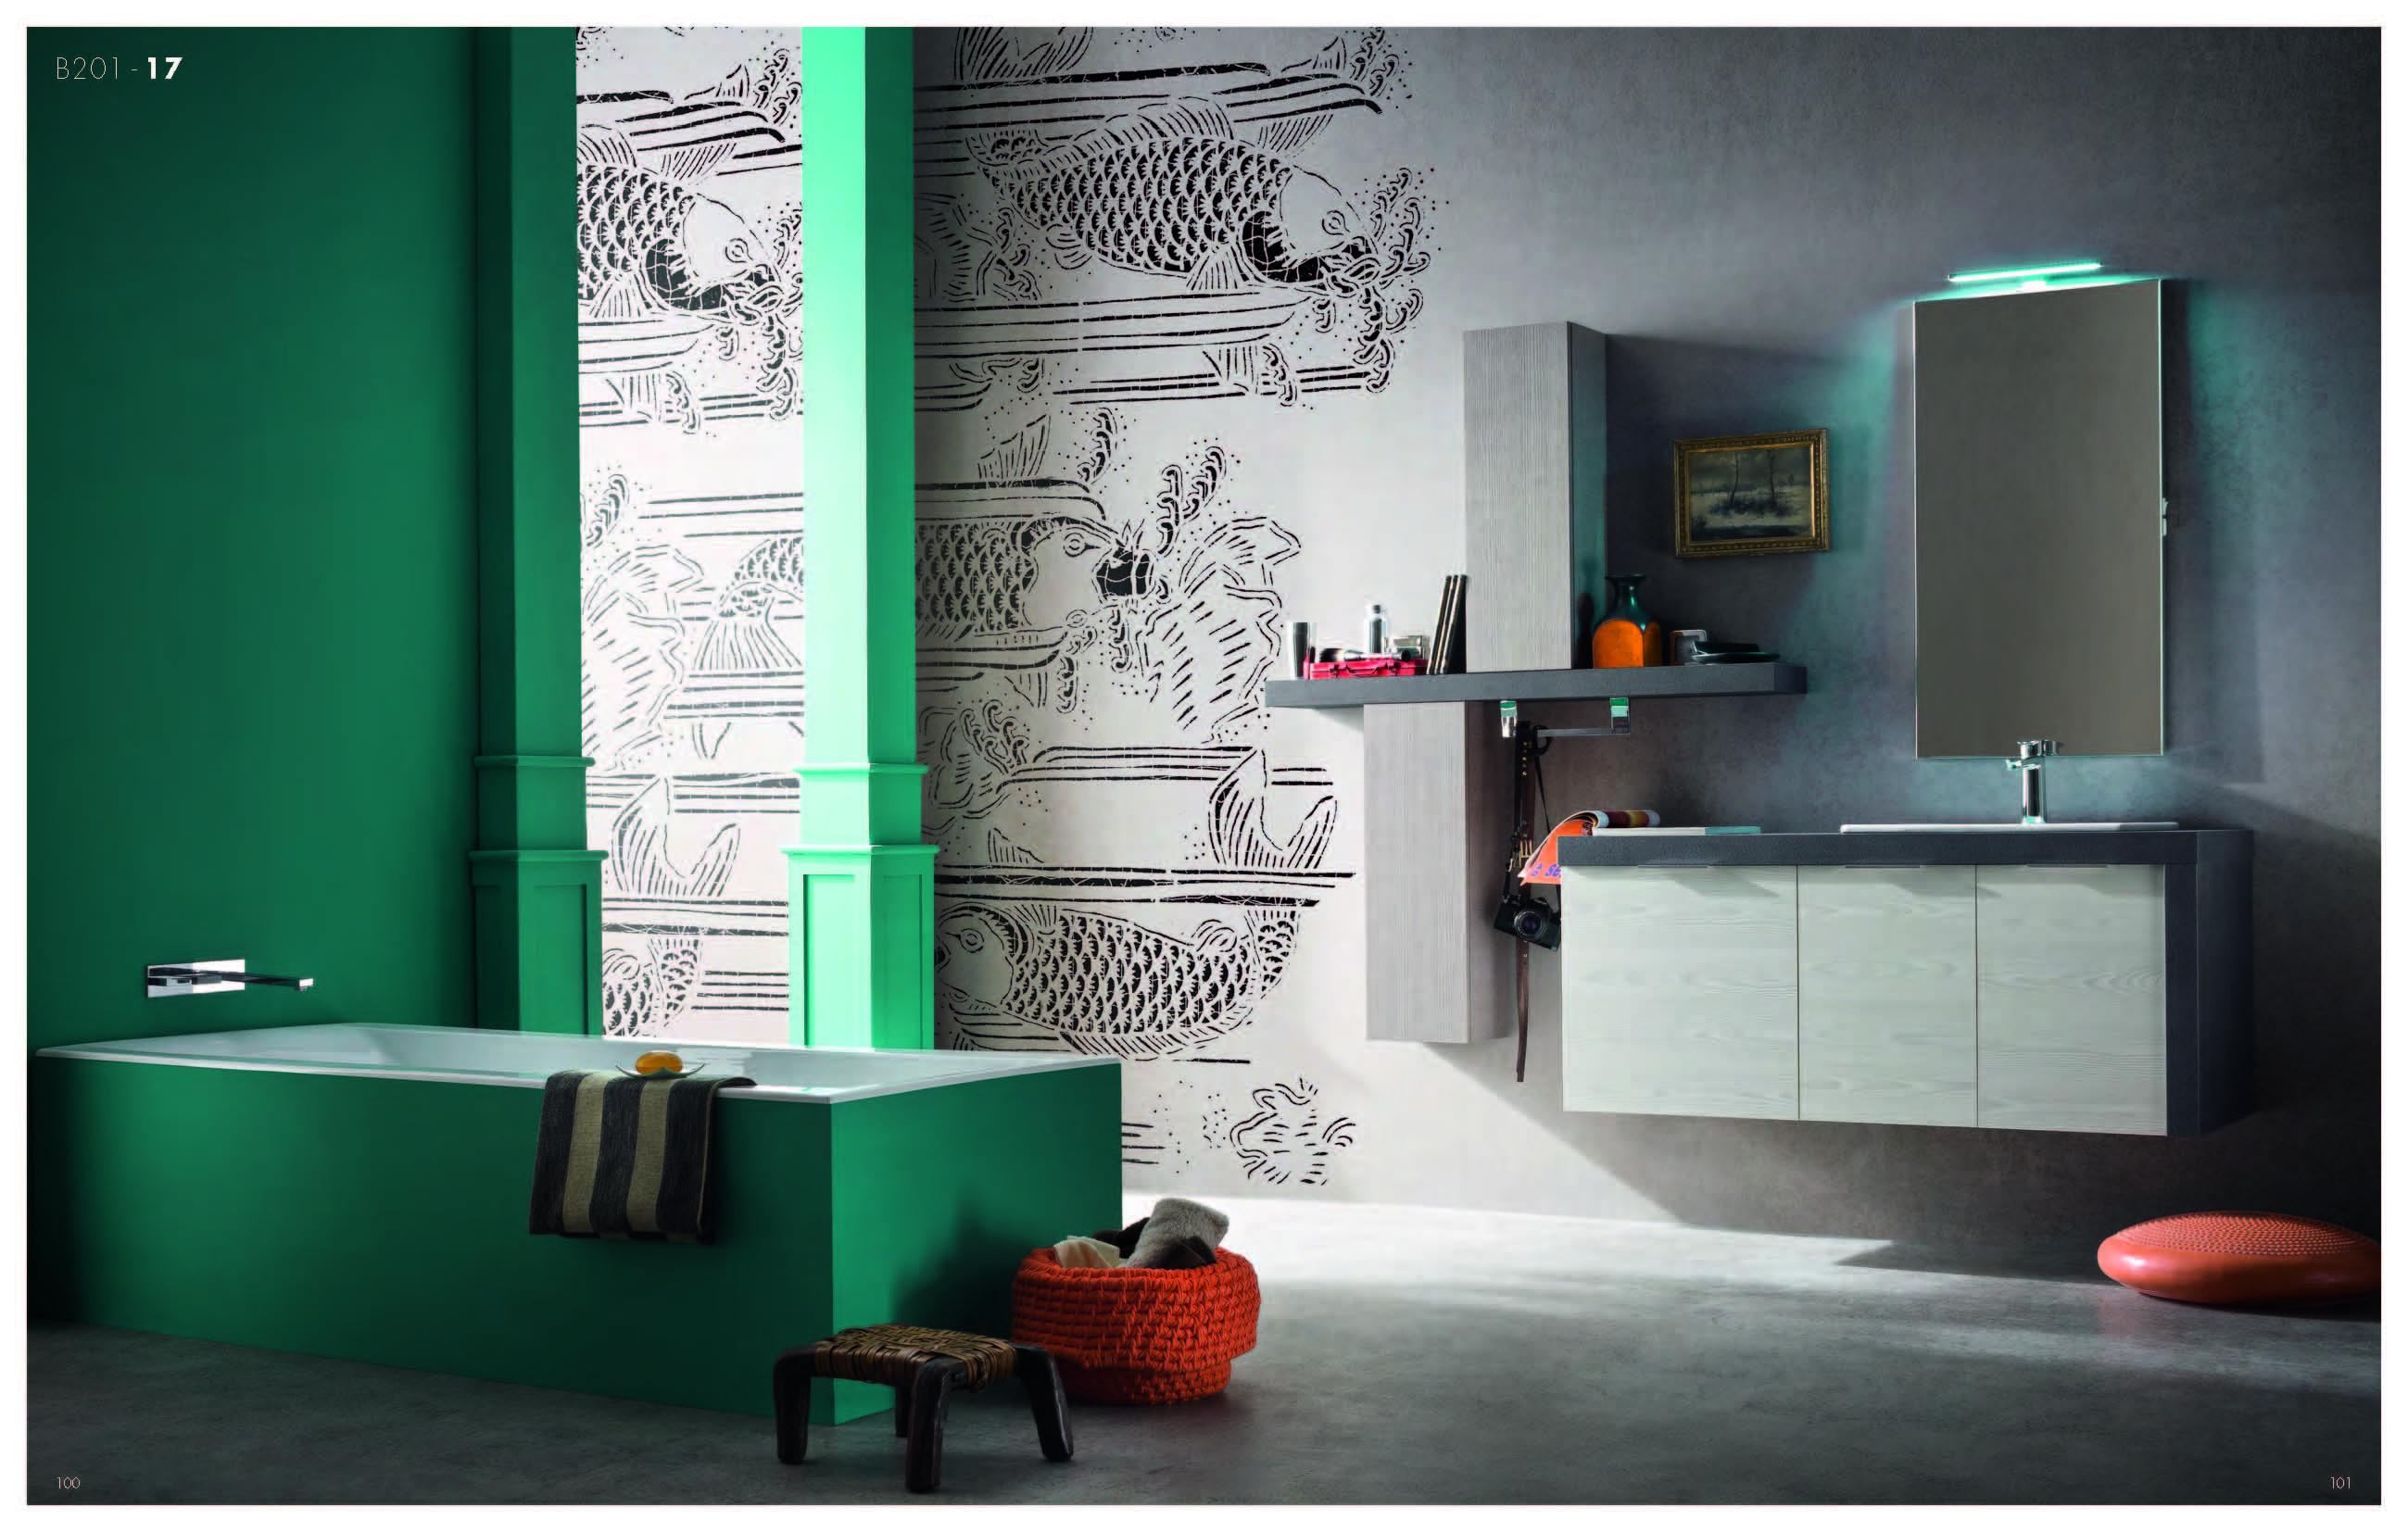 Vendita online mobili design specchiera da parete di for Vendita di mobili online